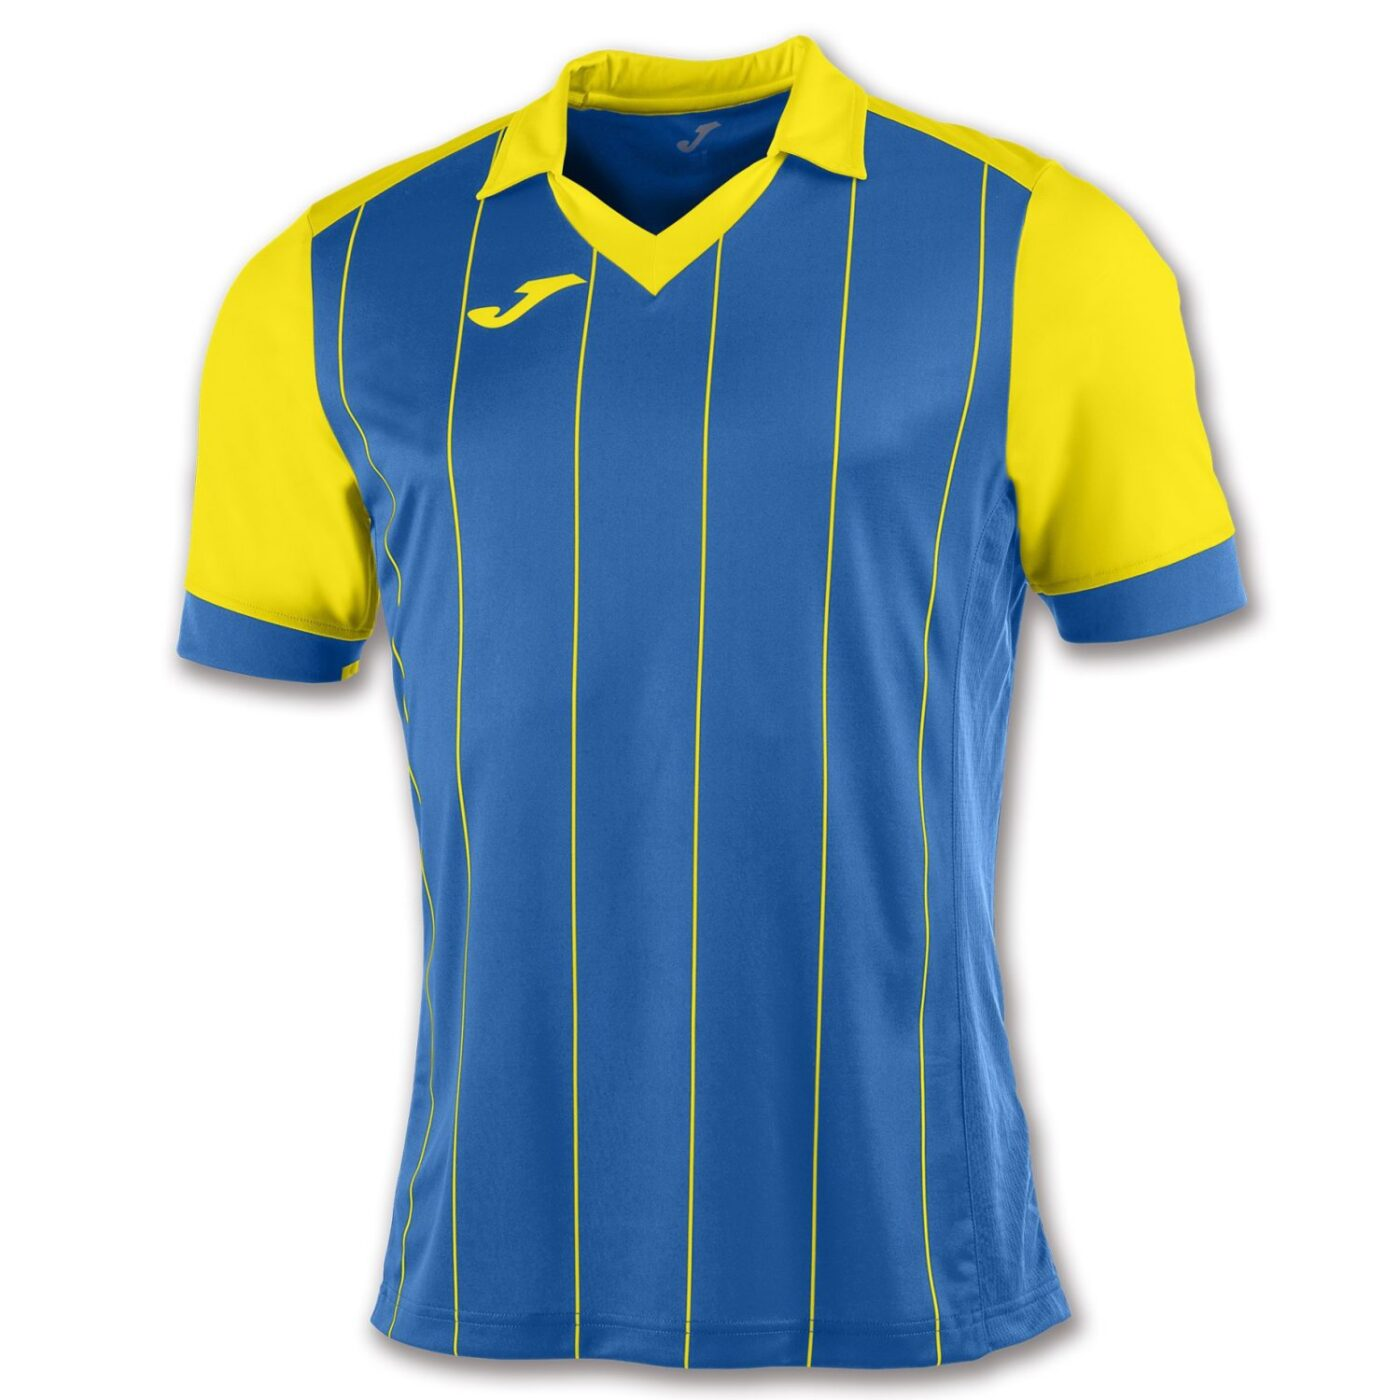 Tornei calcio: maglia Joma Grada azzurro gialla